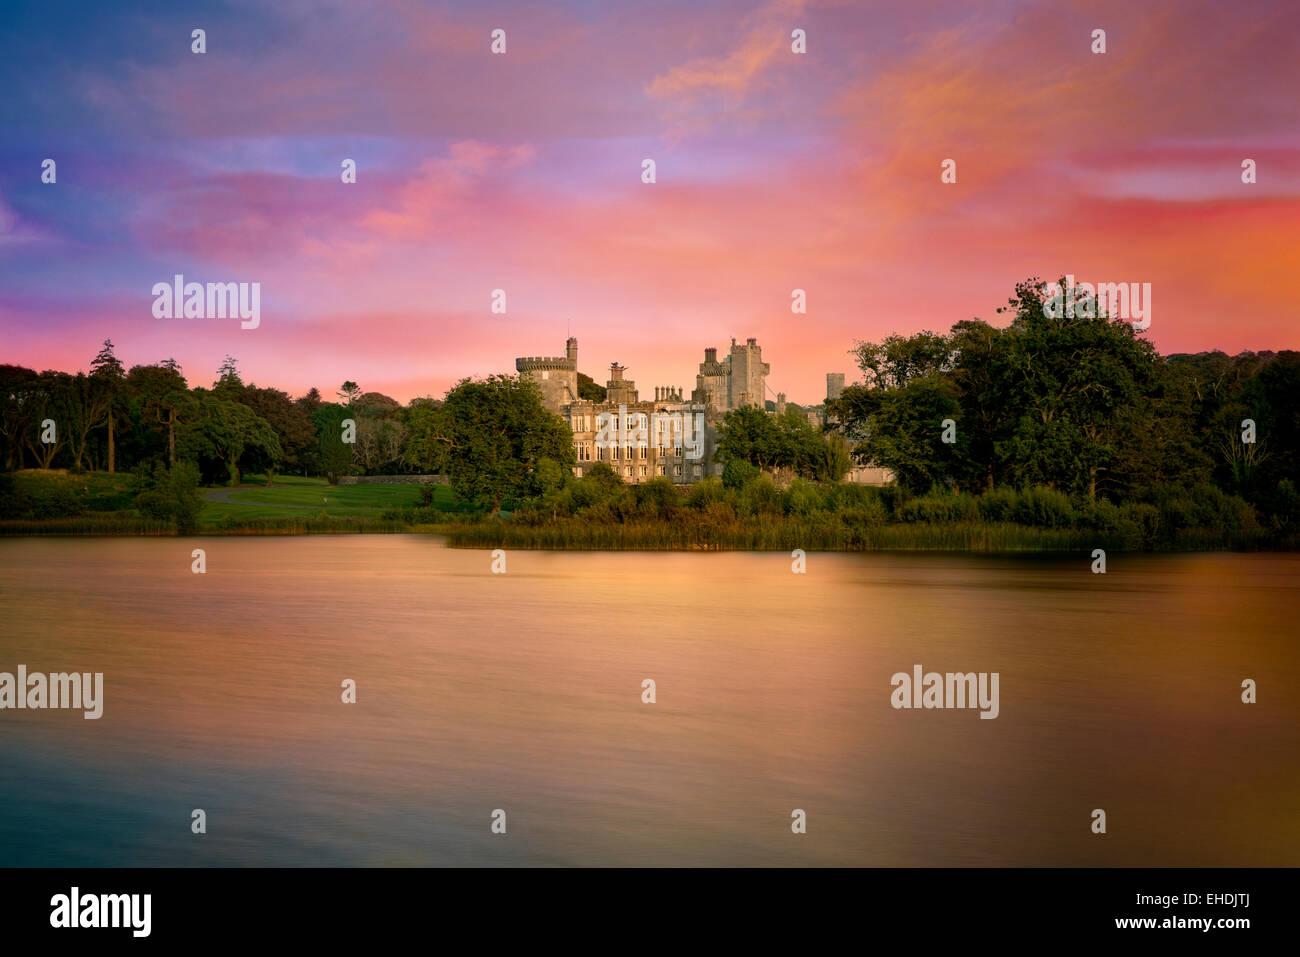 Estanque y Dromoland Castle al amanecer. Irlanda Imagen De Stock